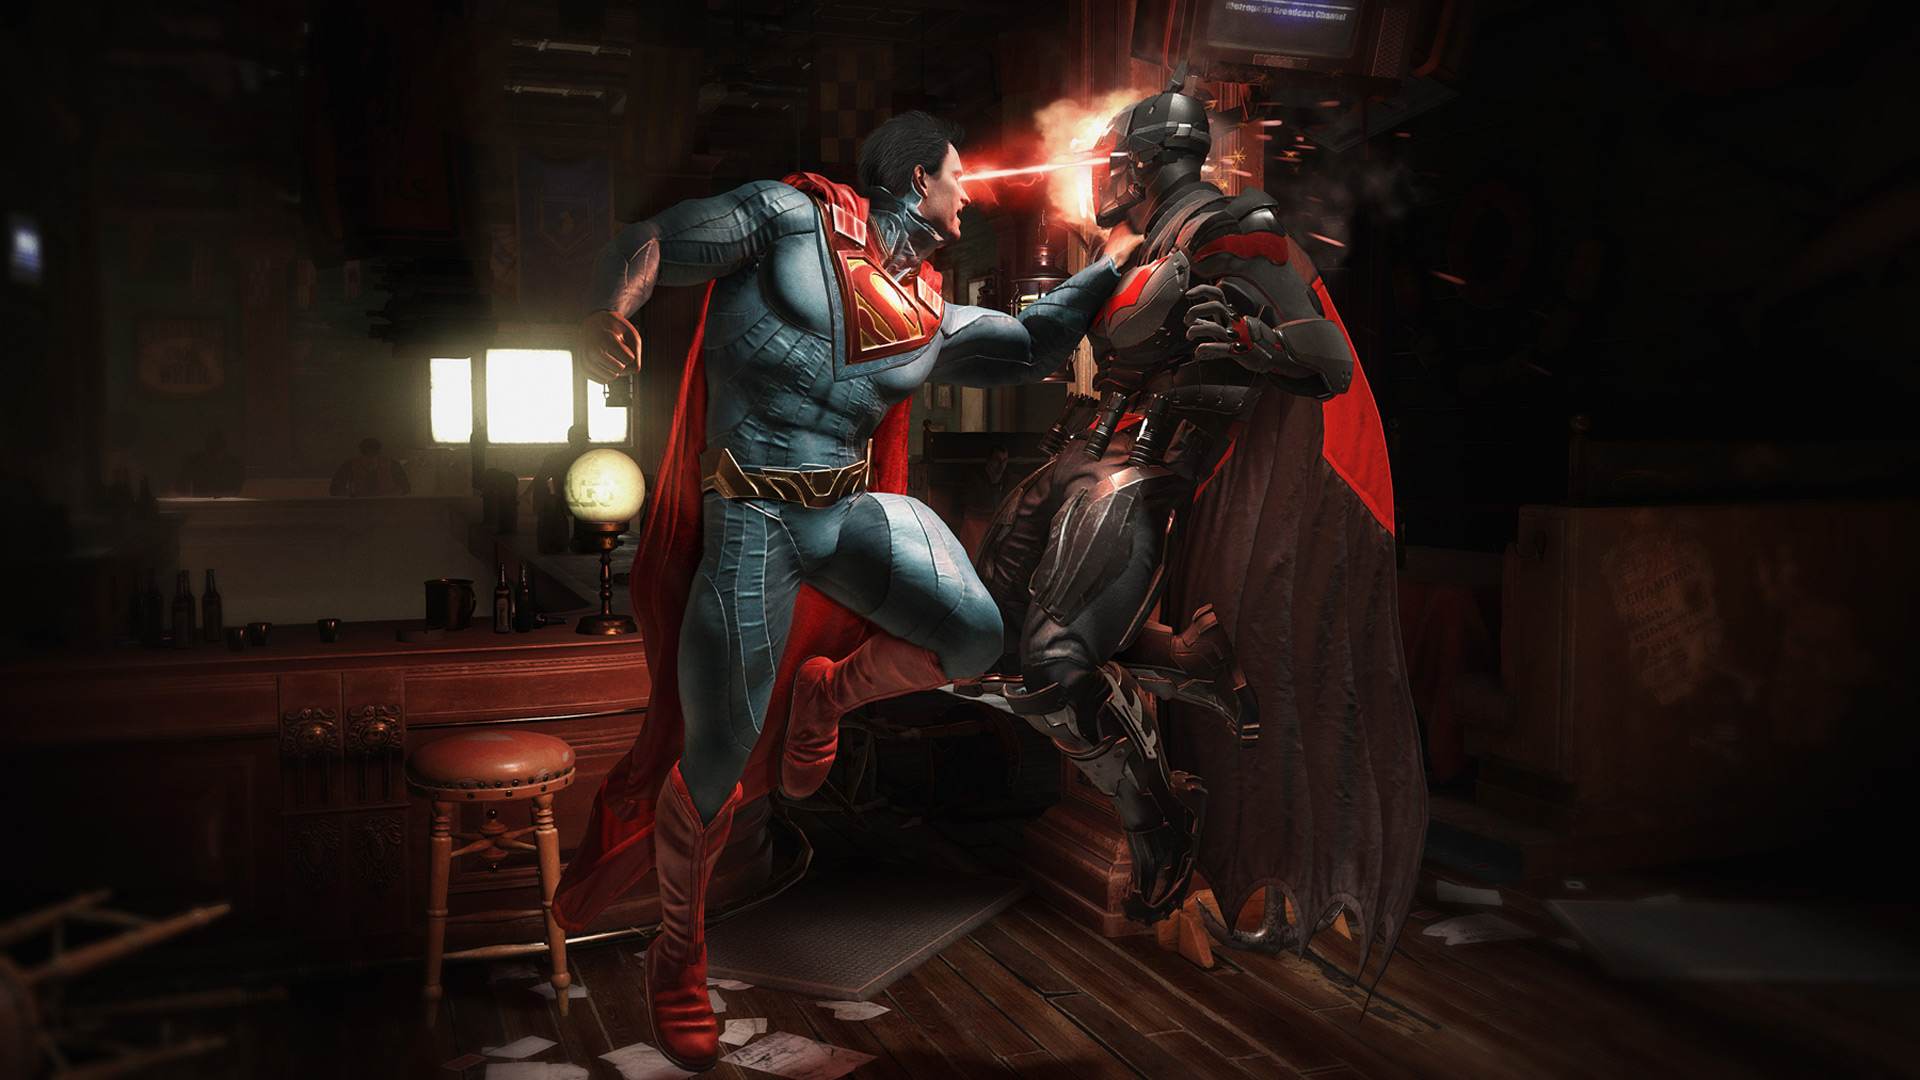 1366x768 Injustice 2 Batman Vs Superman 1366x768 Resolution Hd 4k